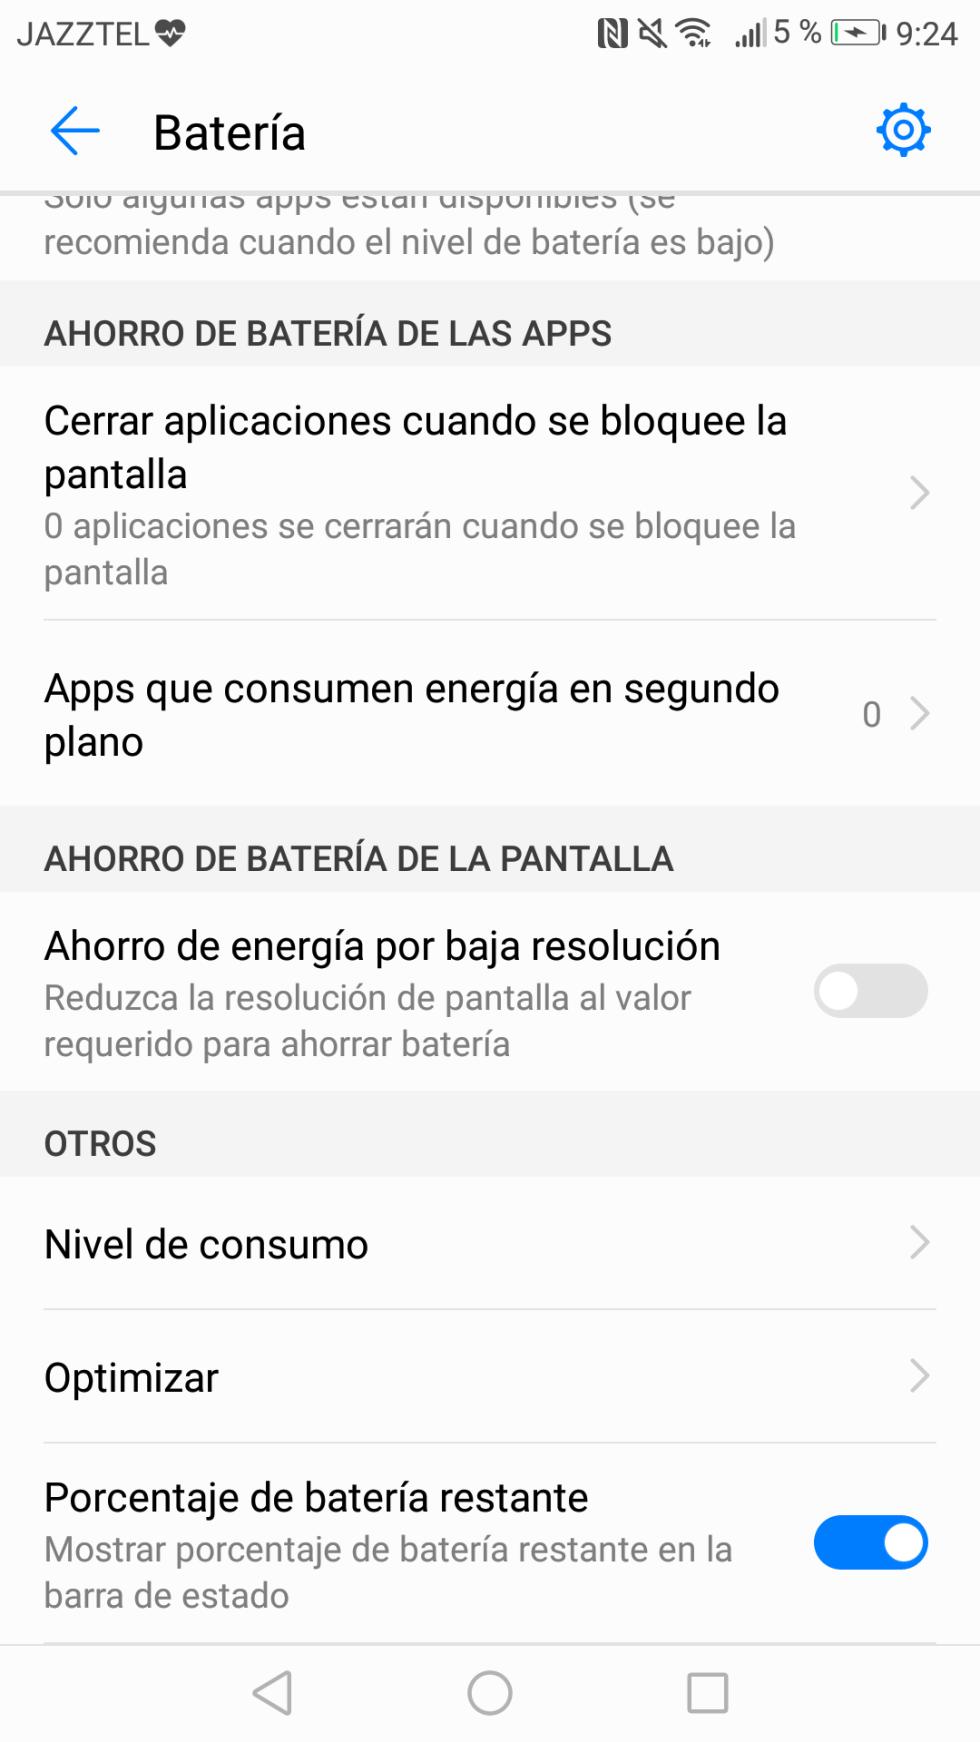 Batería del Huawei P8 Lite 2017: consumo, autonomía y opciones de ahorro